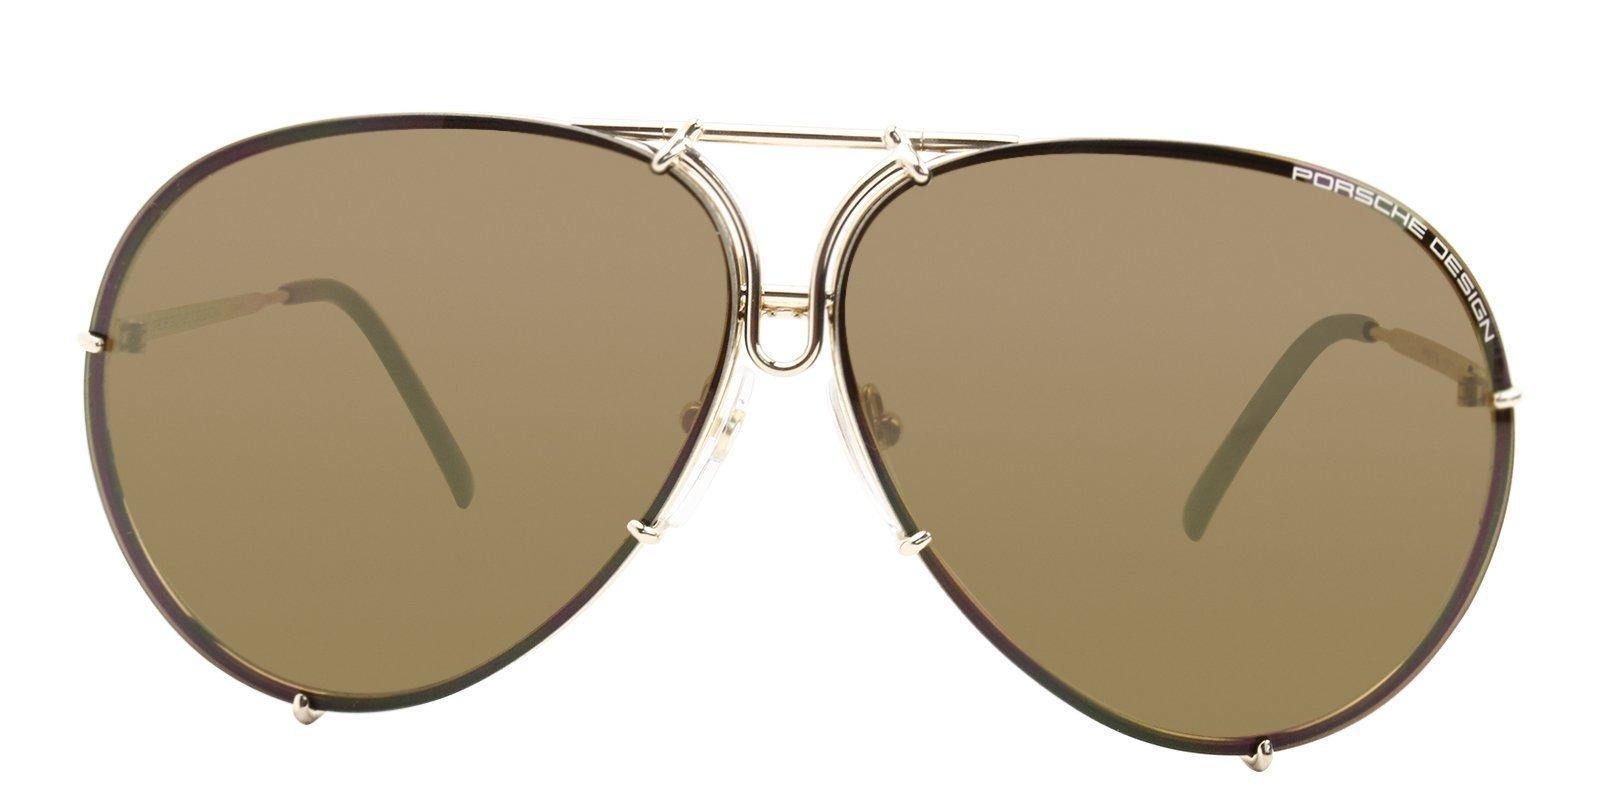 0fa4e92e22 Porsche Design - P8478 Gold - Brown sunglasses